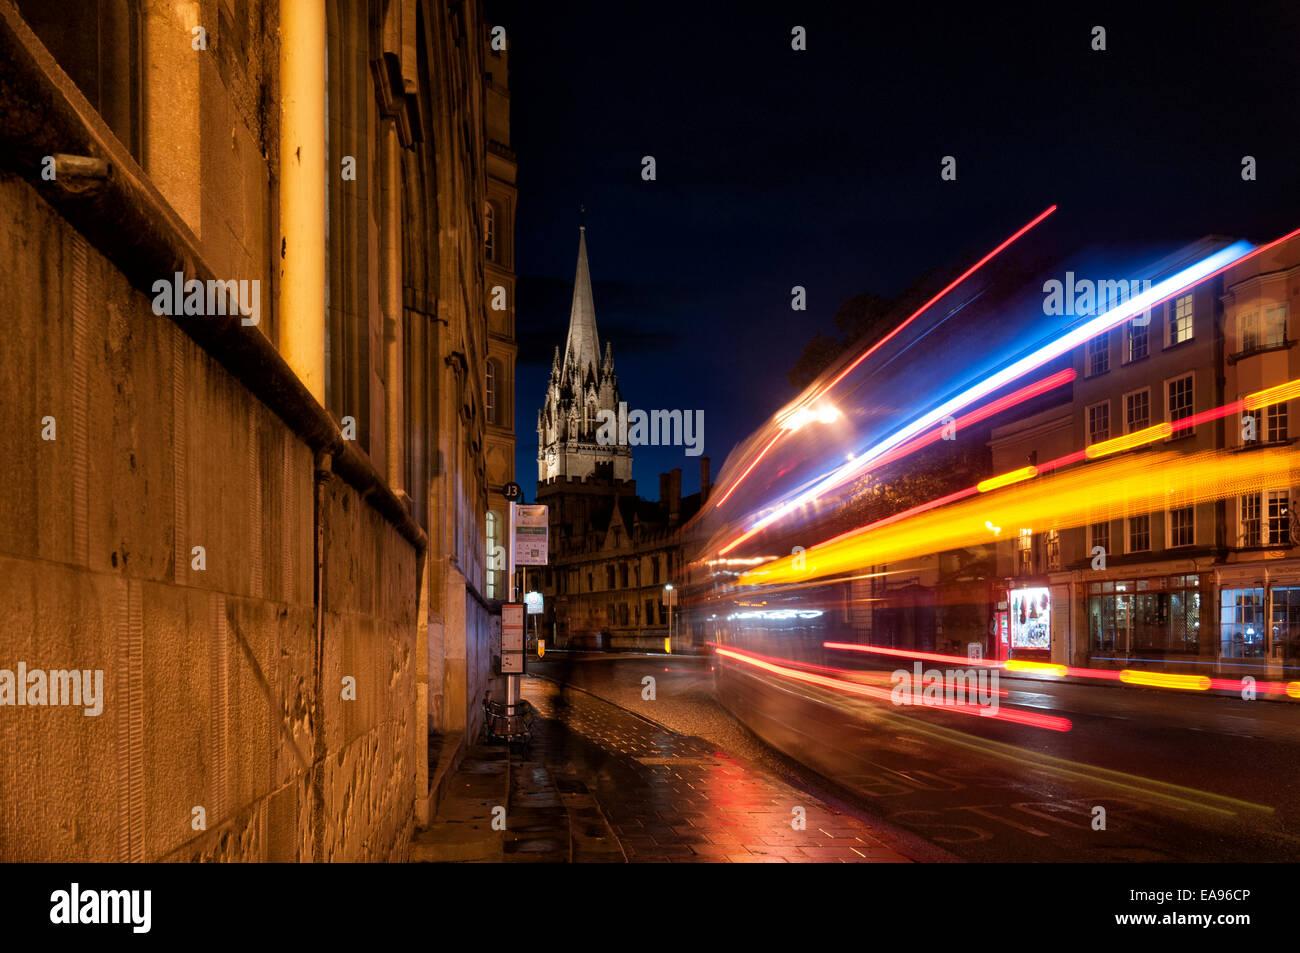 Oxford High street en la noche con rayas de luz desde un autobús que pasaba Imagen De Stock